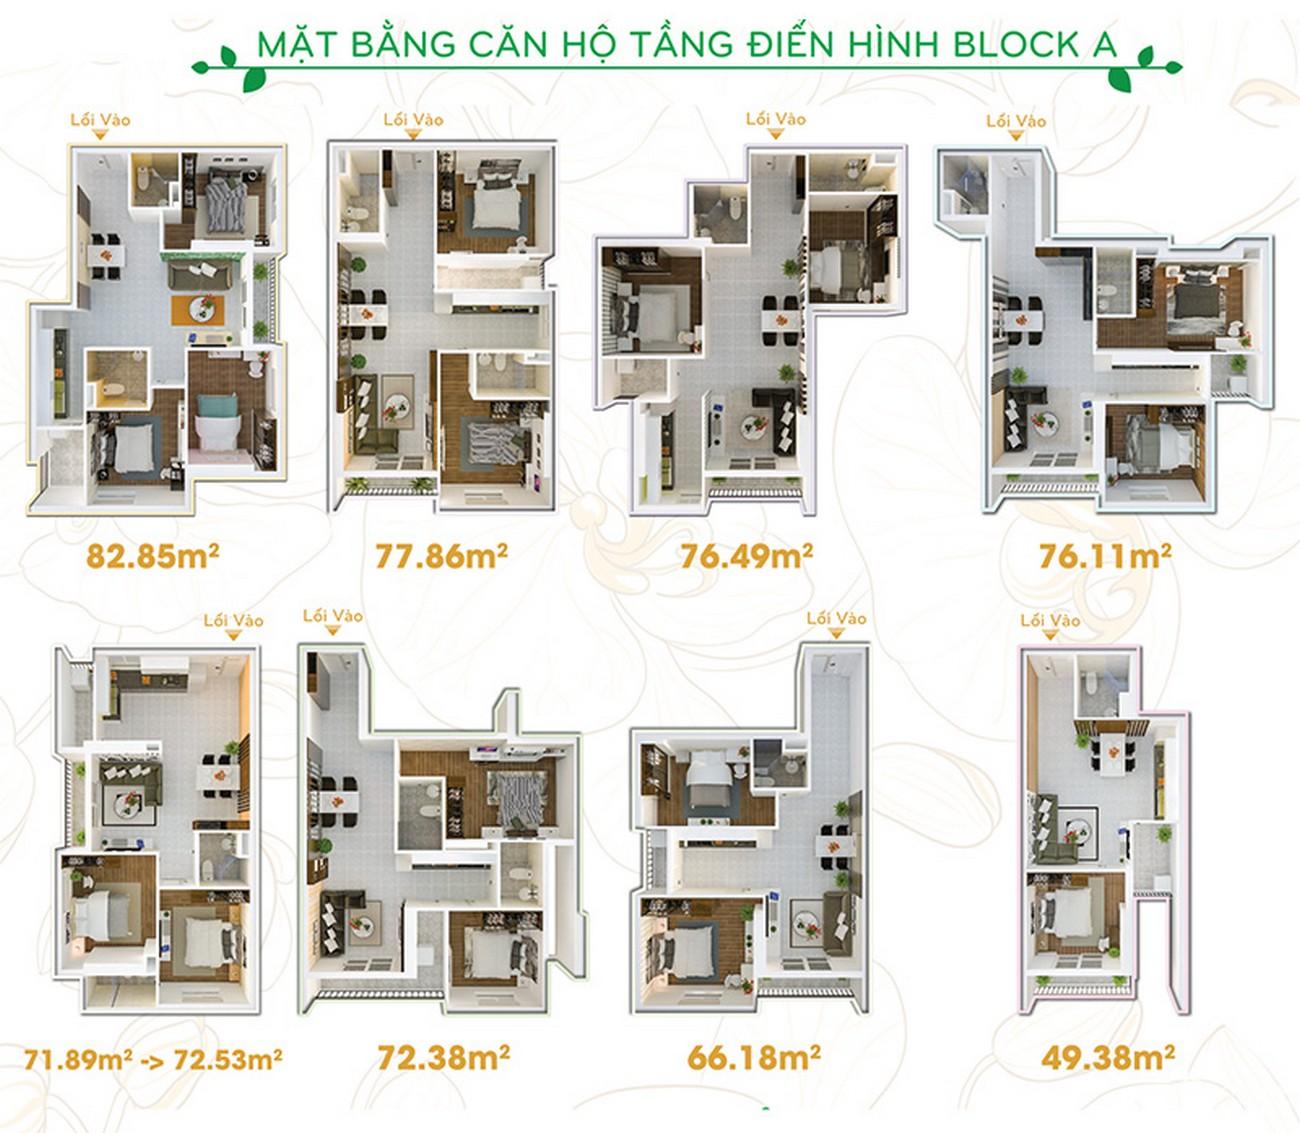 Thiết kế dự án căn hộ chung cư Orchid Park Nhà Bè Đường Nguyễn Lương Bằng chủ đầu tư Cotec